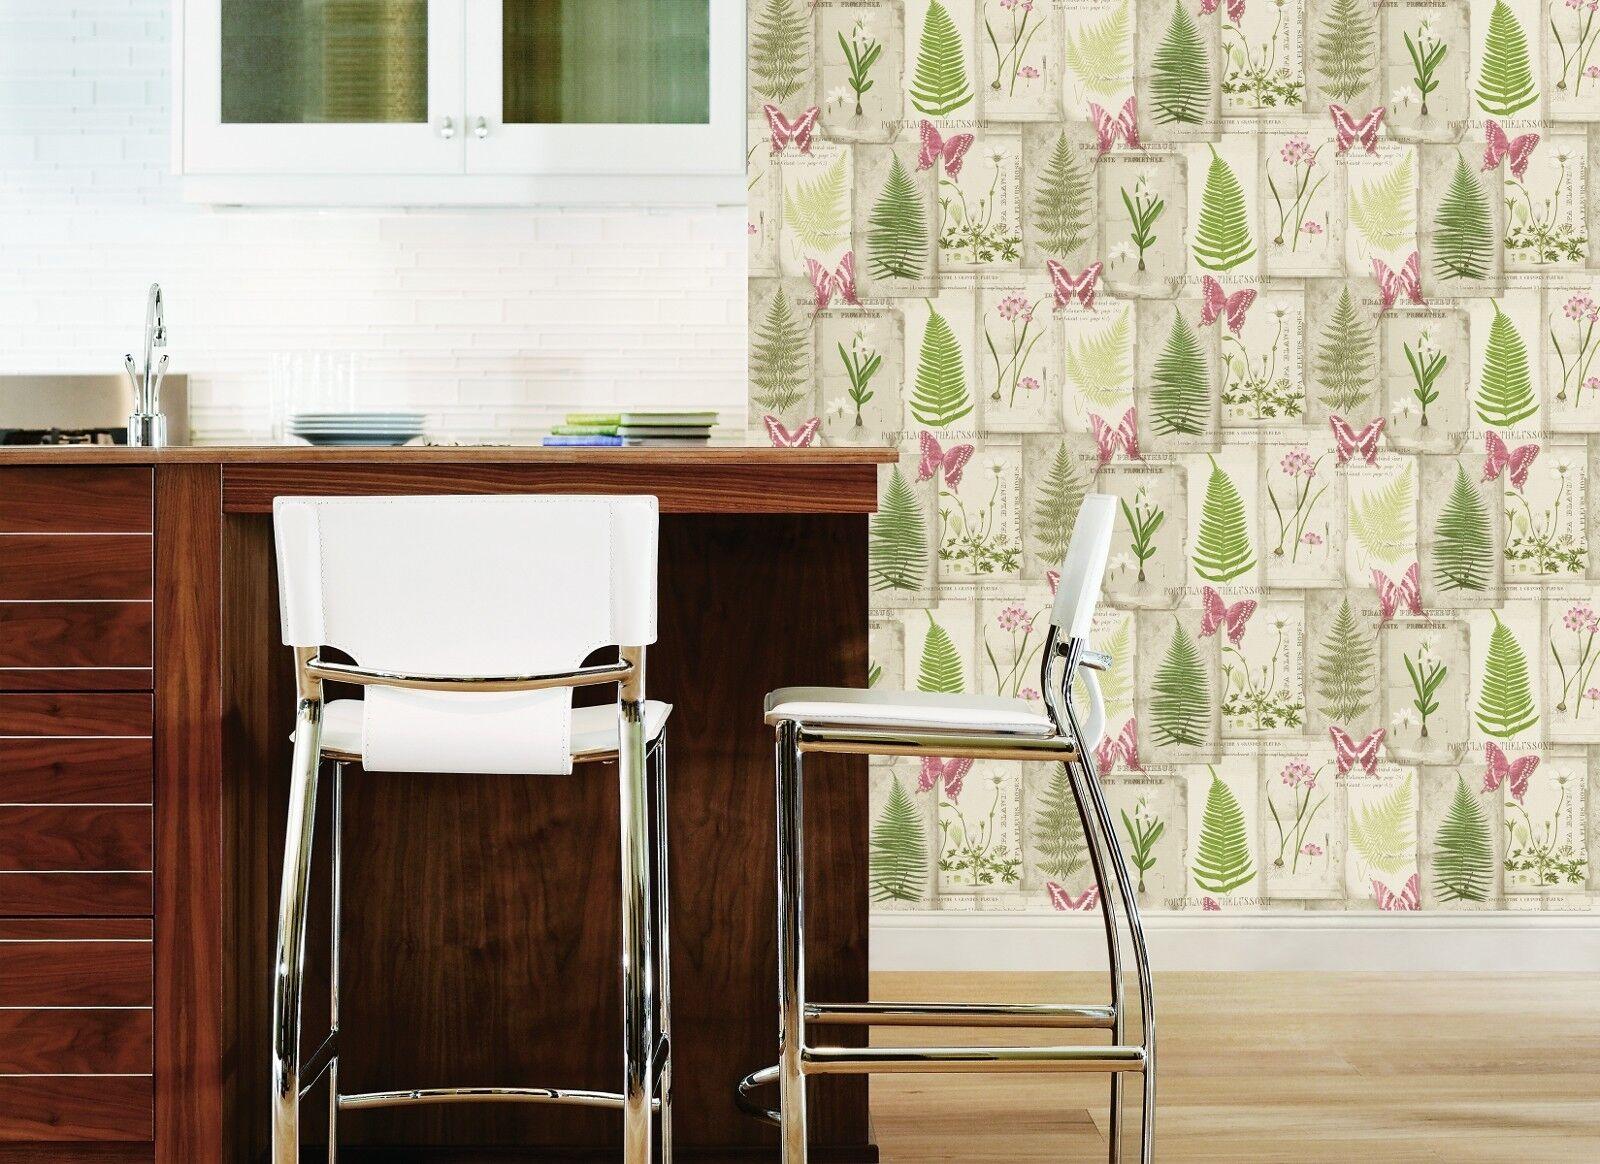 Essener Tapete frais cuisine 5 fk34438 Ivy Vert Blanc Blanc Blanc Papier peint de en vinyle ba59e8